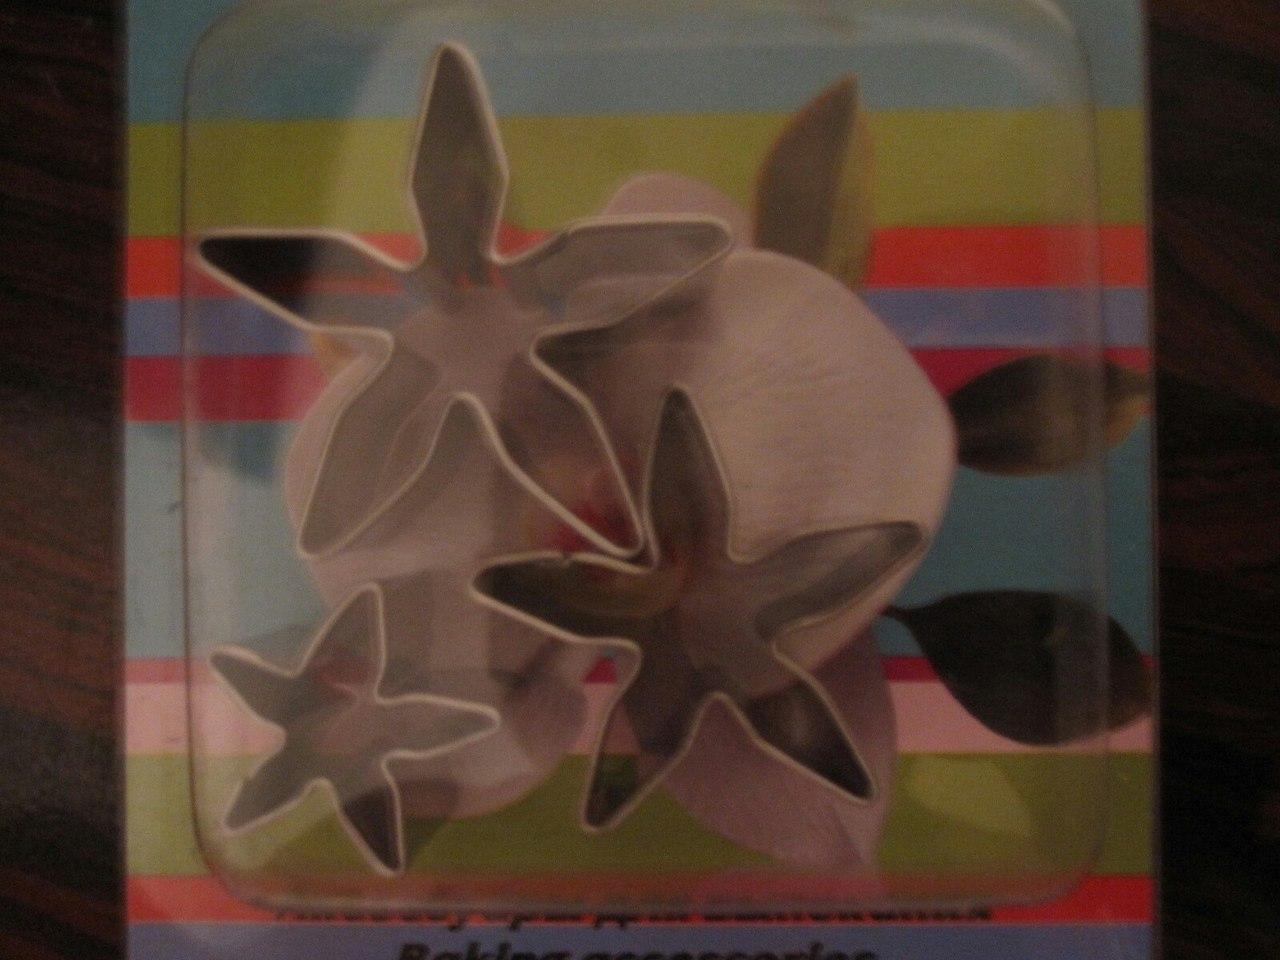 Набор вырубок сделан из сверхпрочного пищевого металла. Цветок